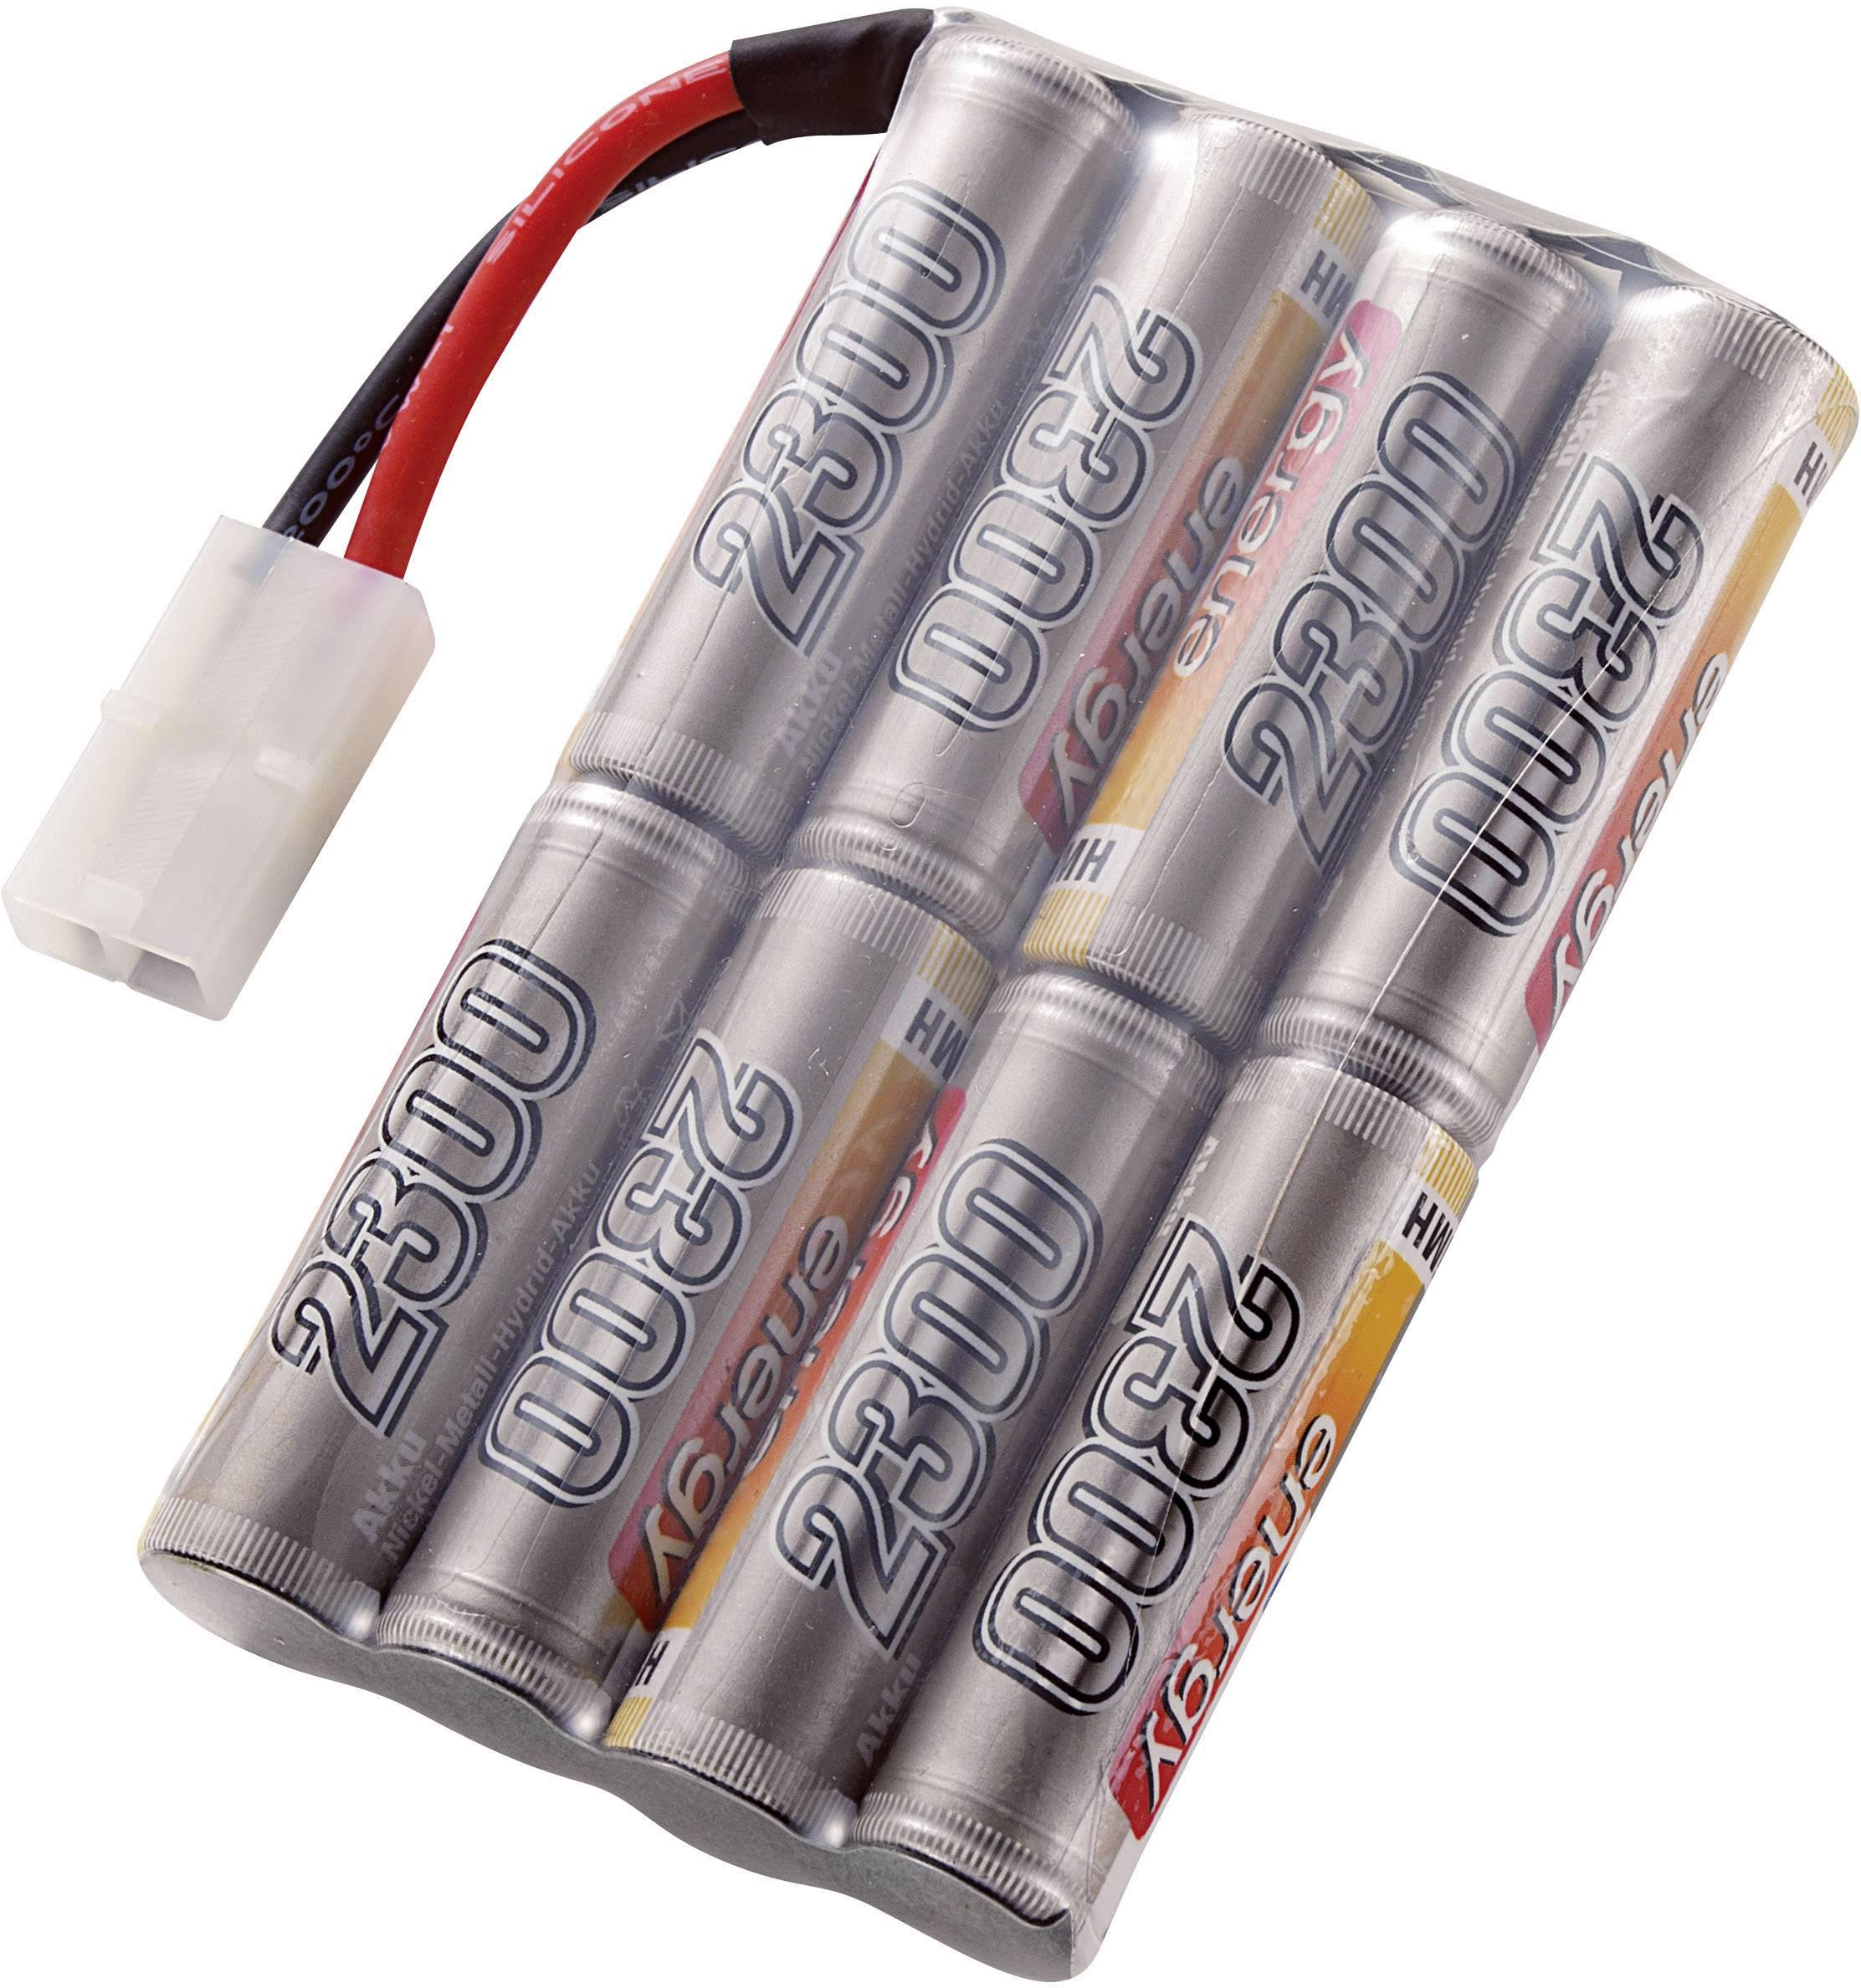 Akupack NiMH Conrad energy 206671, 9.6 V, 2300 mAh